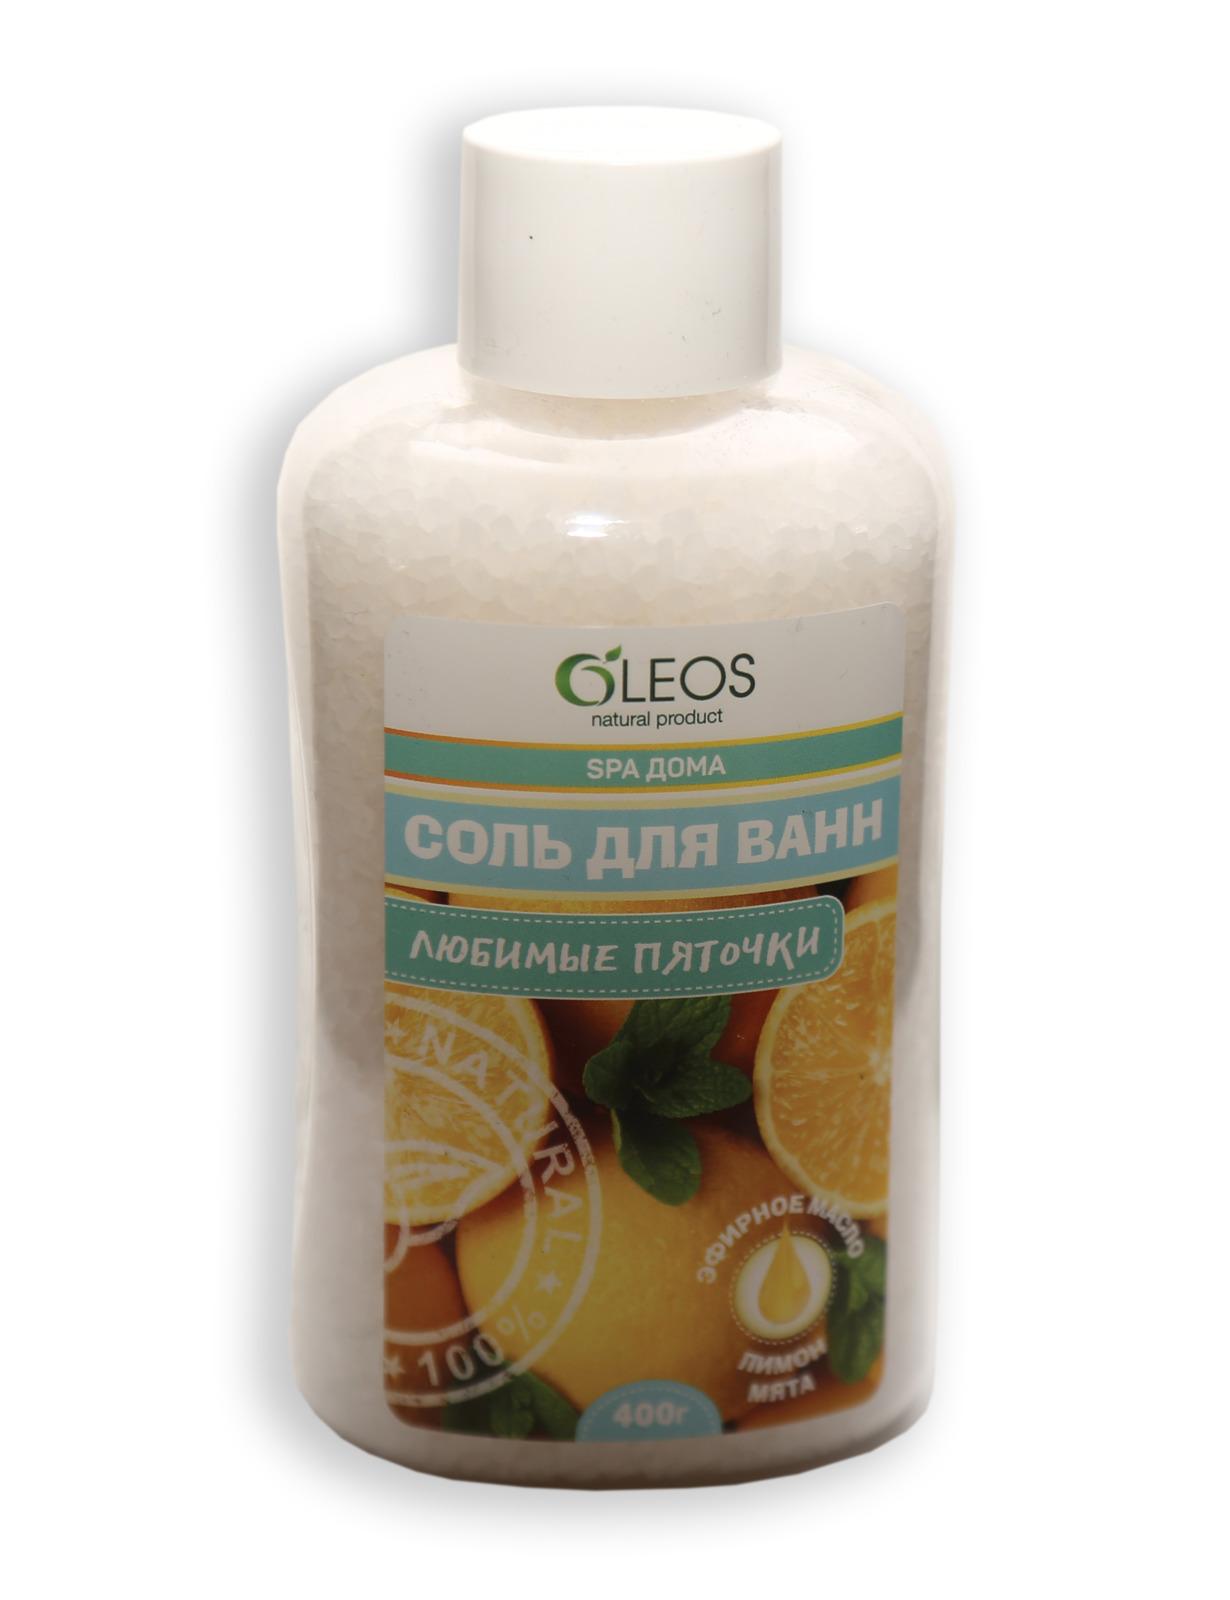 Морская соль для ванн Oleos Любимые пяточки, 400 г